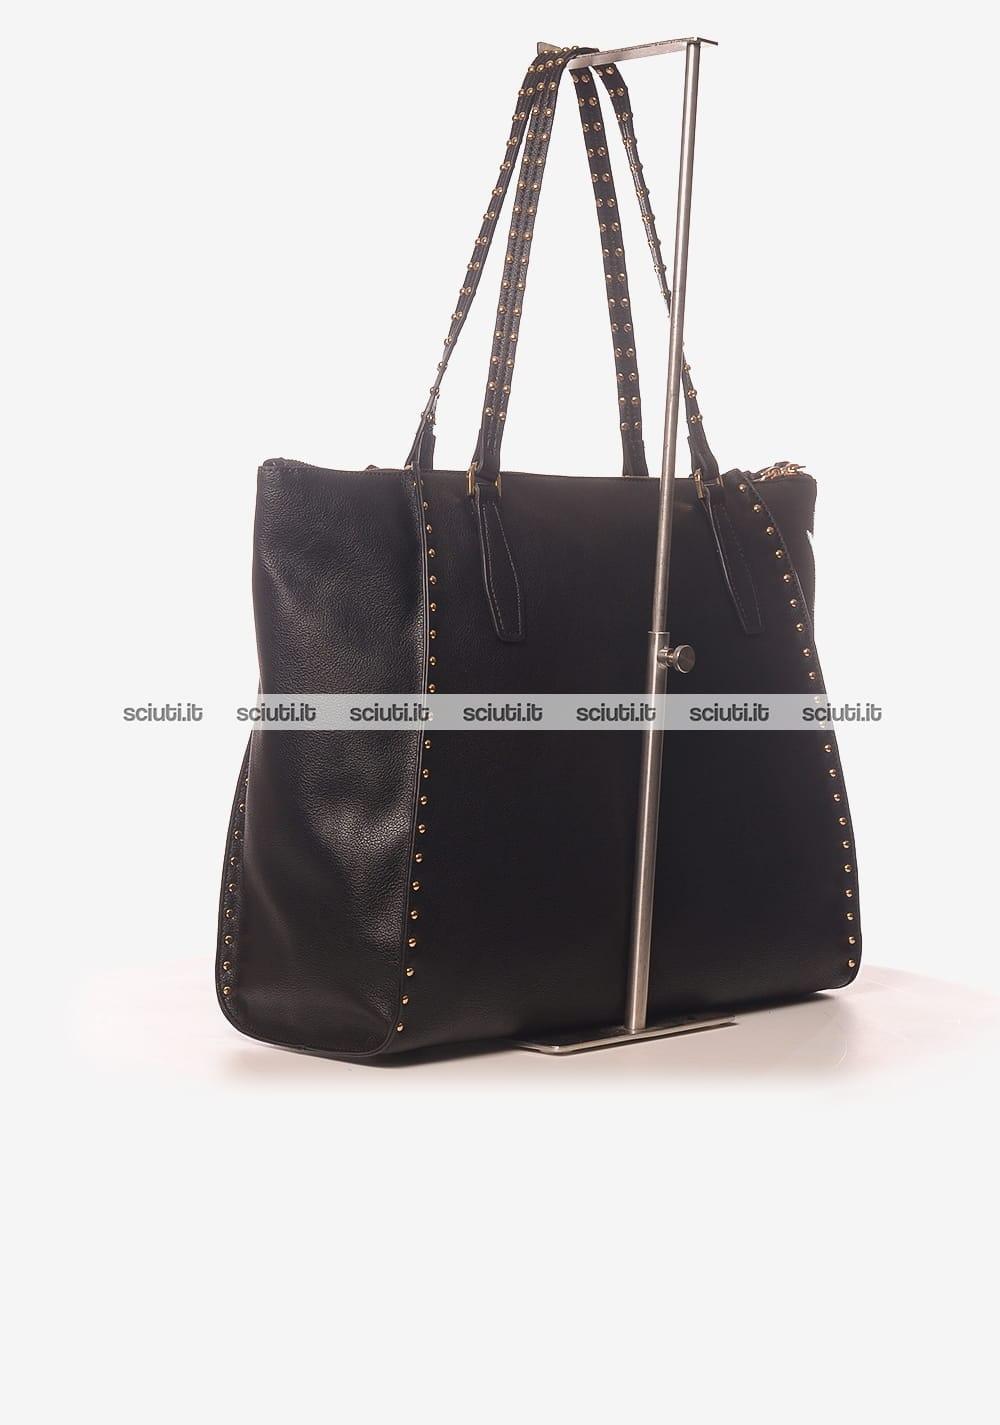 taglia 40 49641 00b8c Borsa shopping Liu Jo donna Gioia nero   Sciuti.it